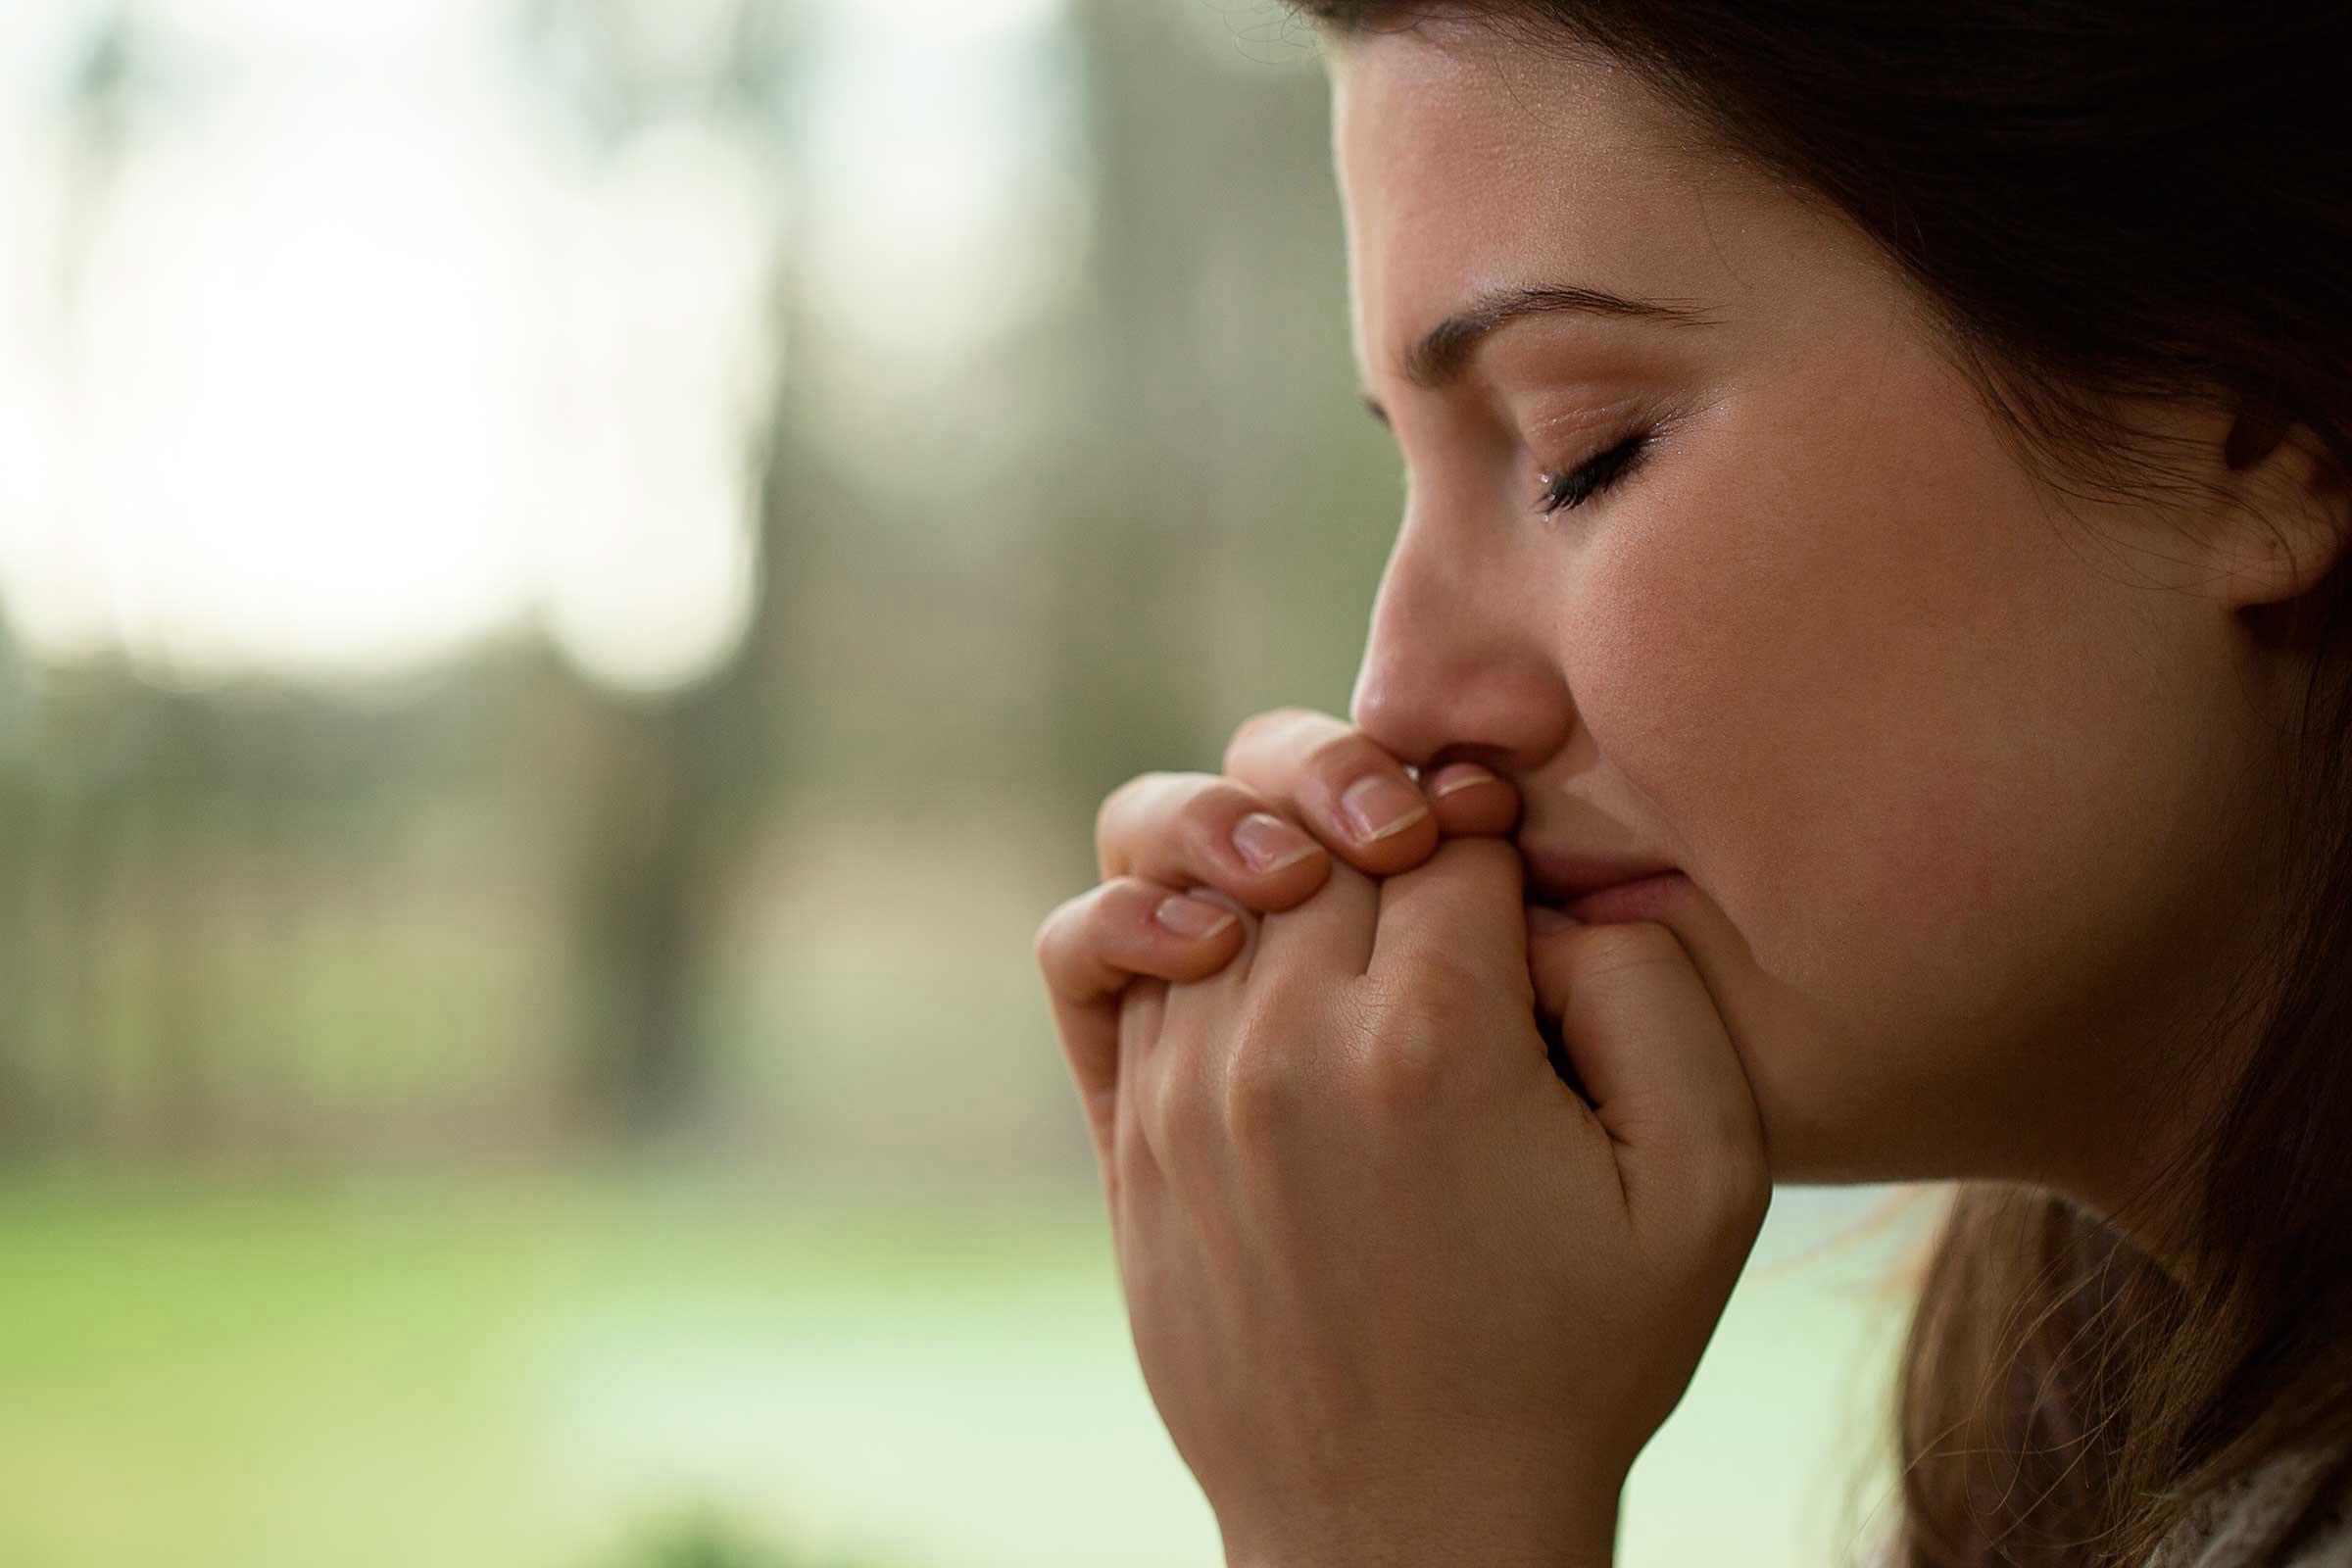 ¿Cuándo debería usted o su ser querido visitar a un psiquiatra?